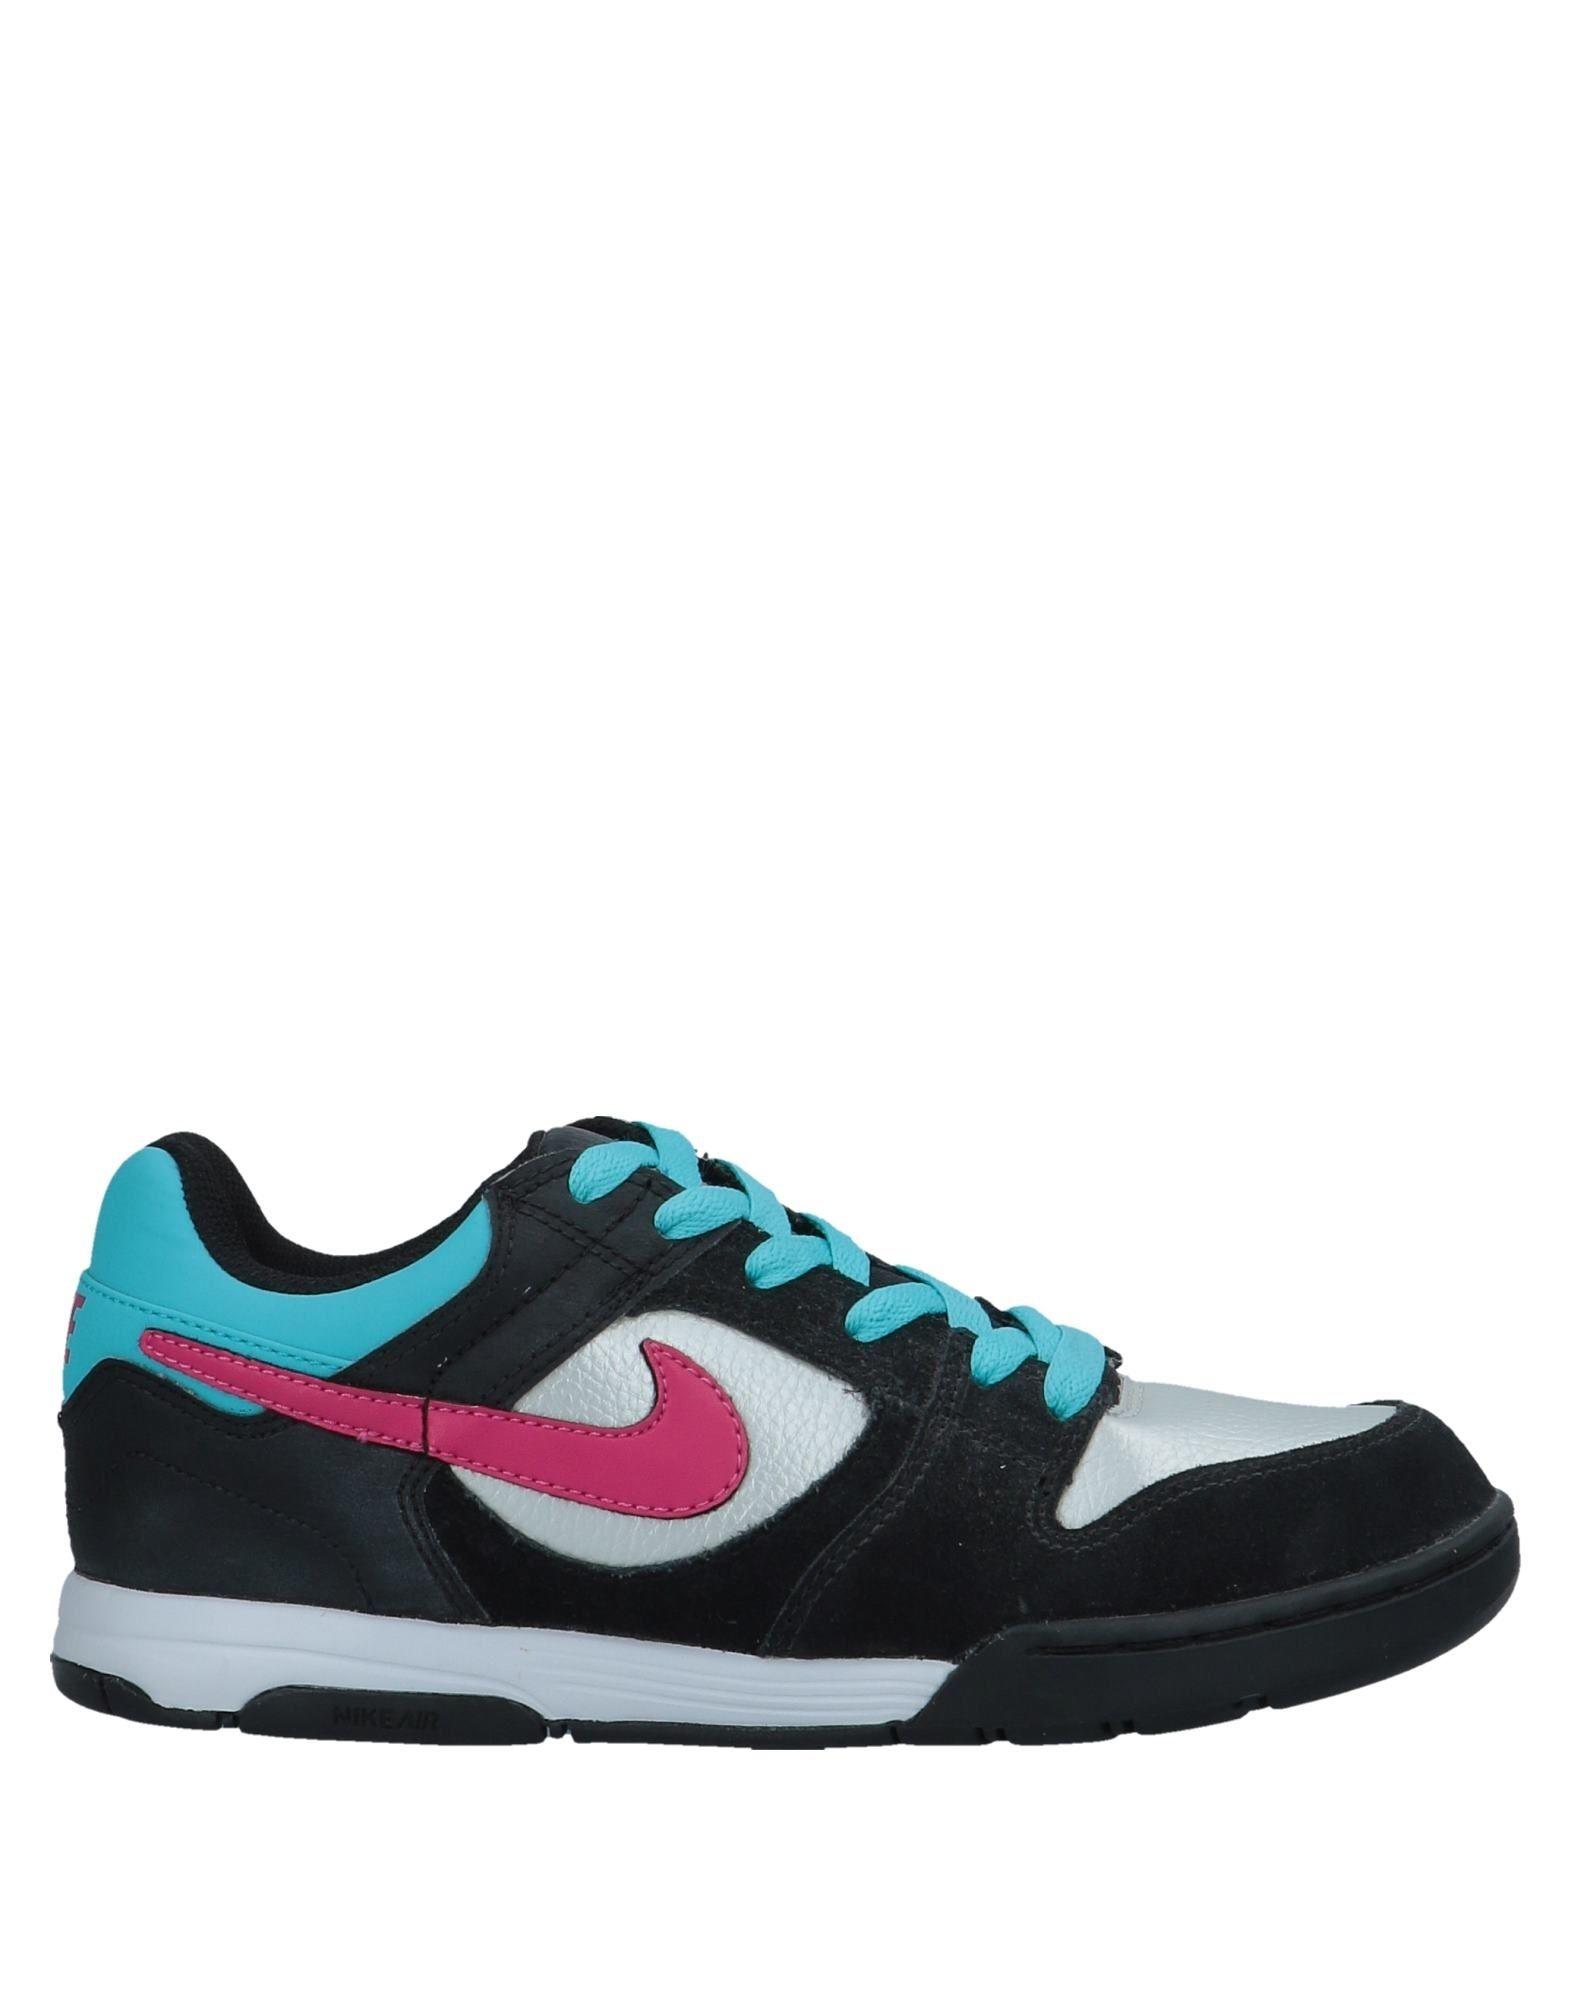 Moda Scarpe - da Ginnastica Nike Donna - Scarpe 11522617HI e5a445